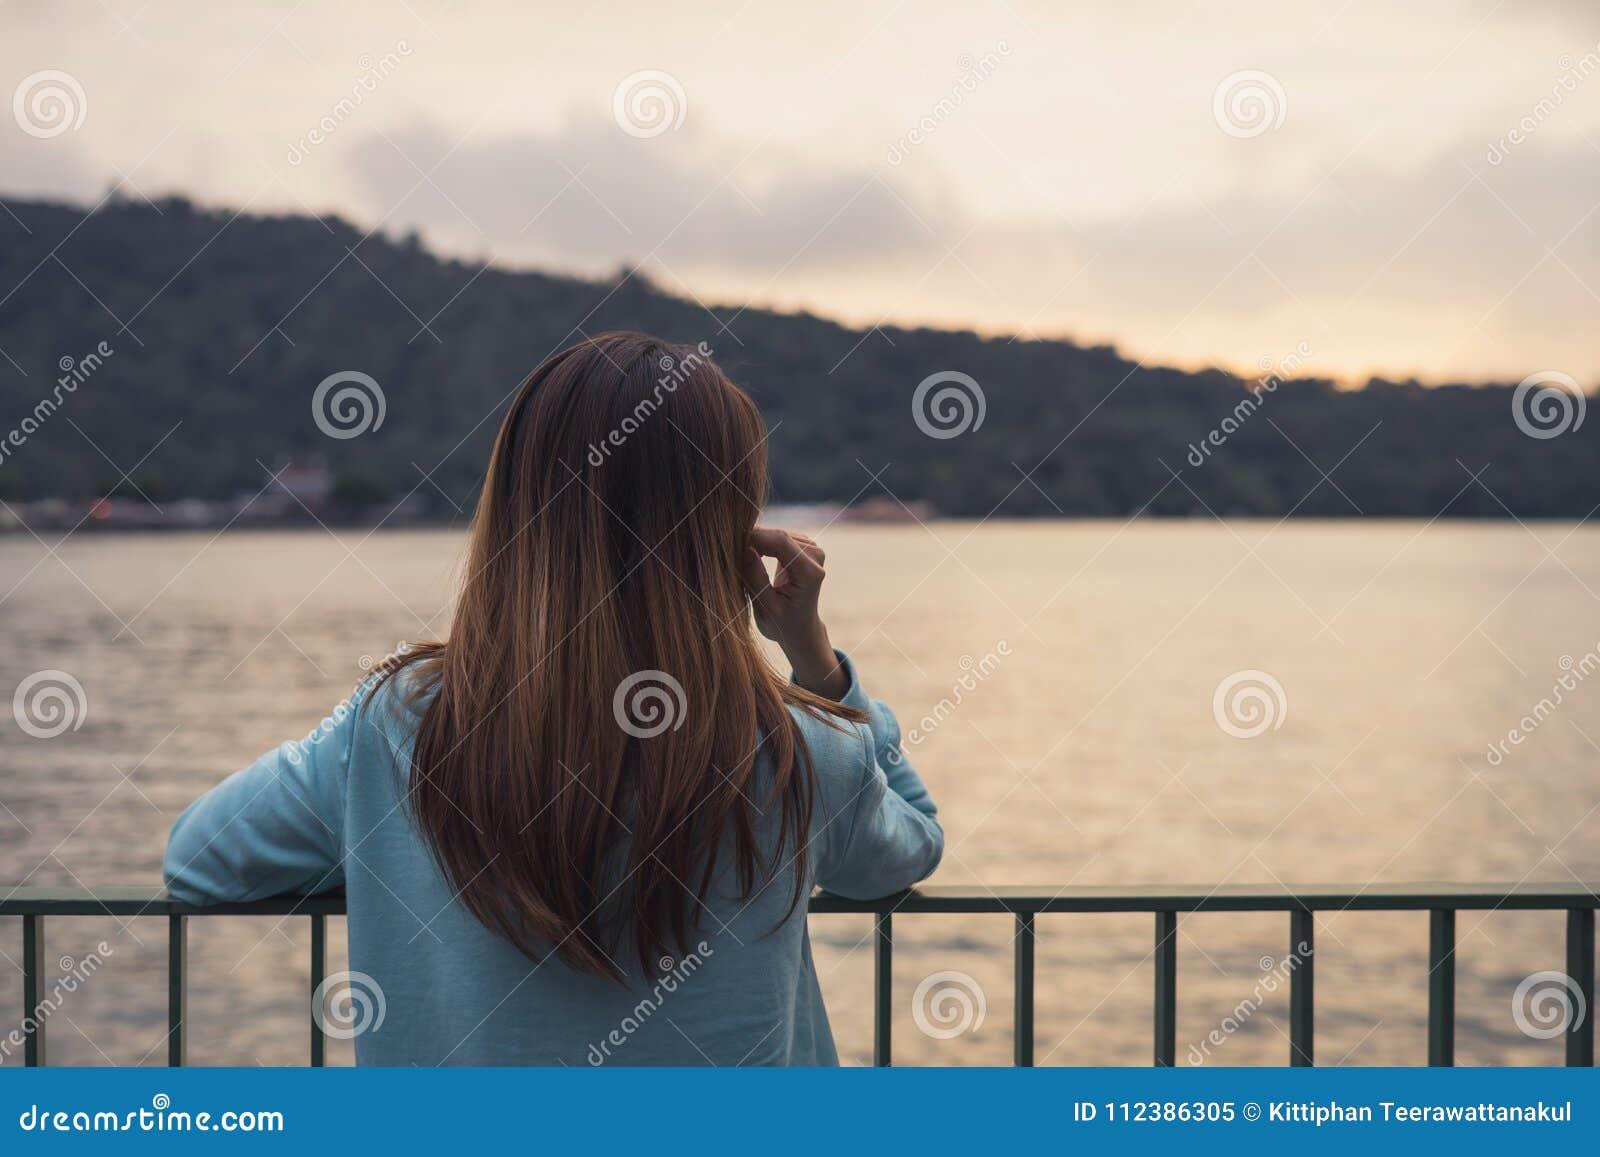 Einsame Frau, die abwesendes gekümmert in dem Fluss steht